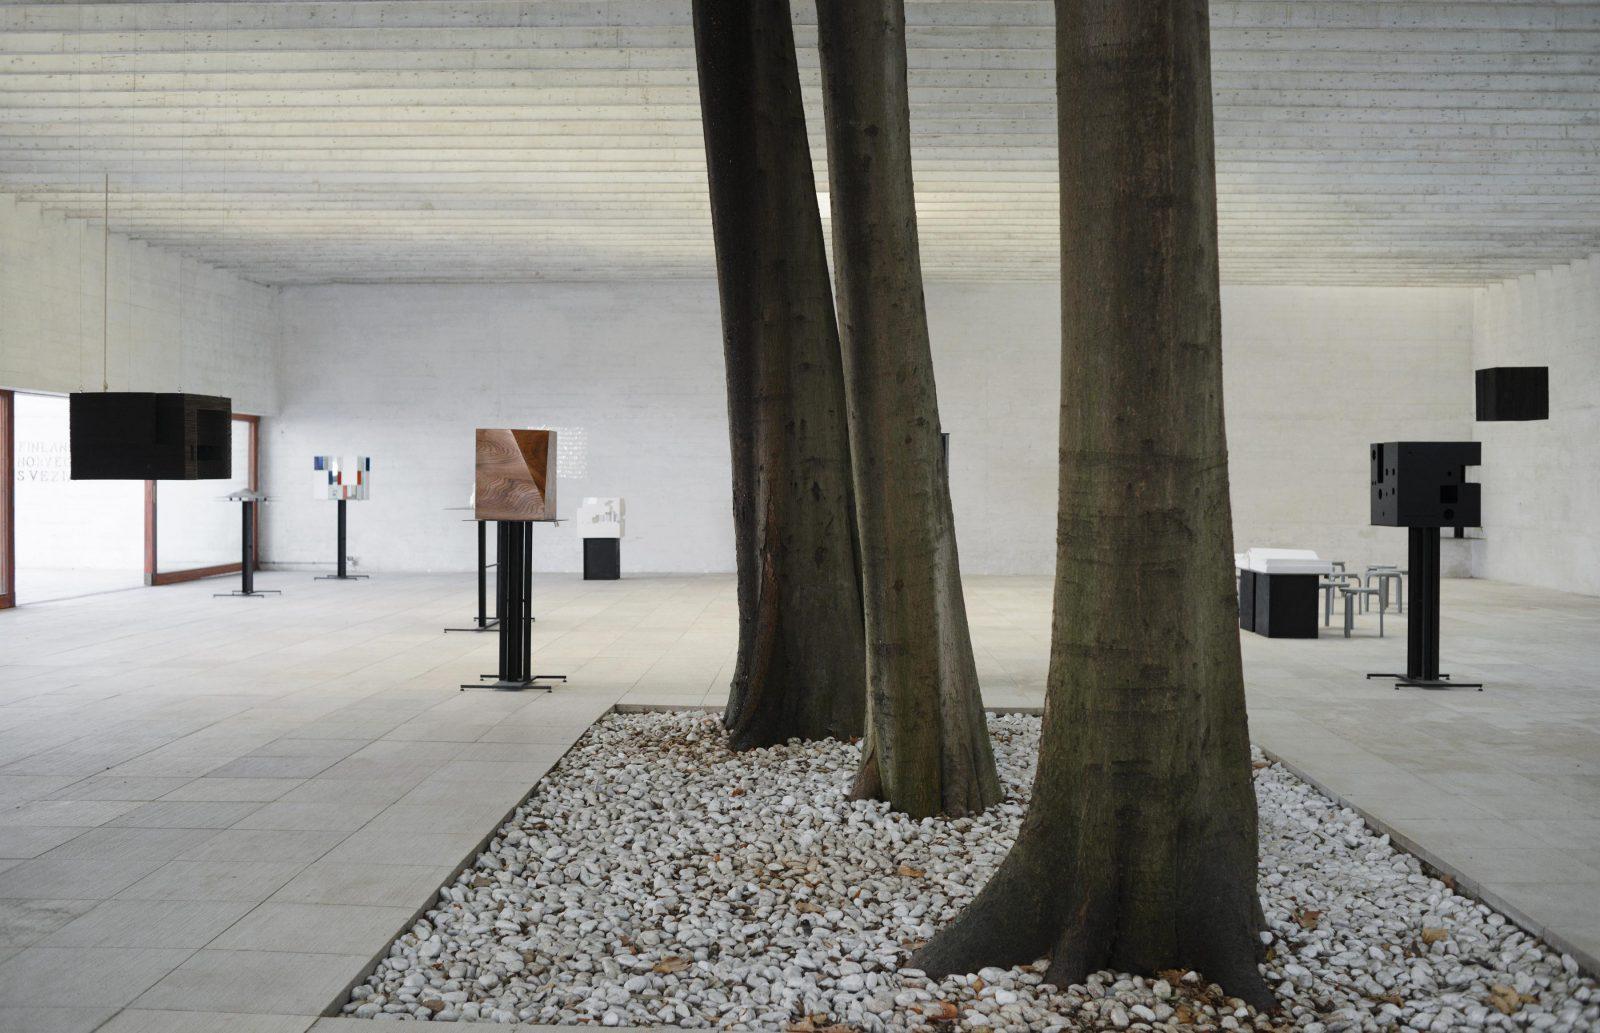 KjellanderSjober Venice 2012 interior